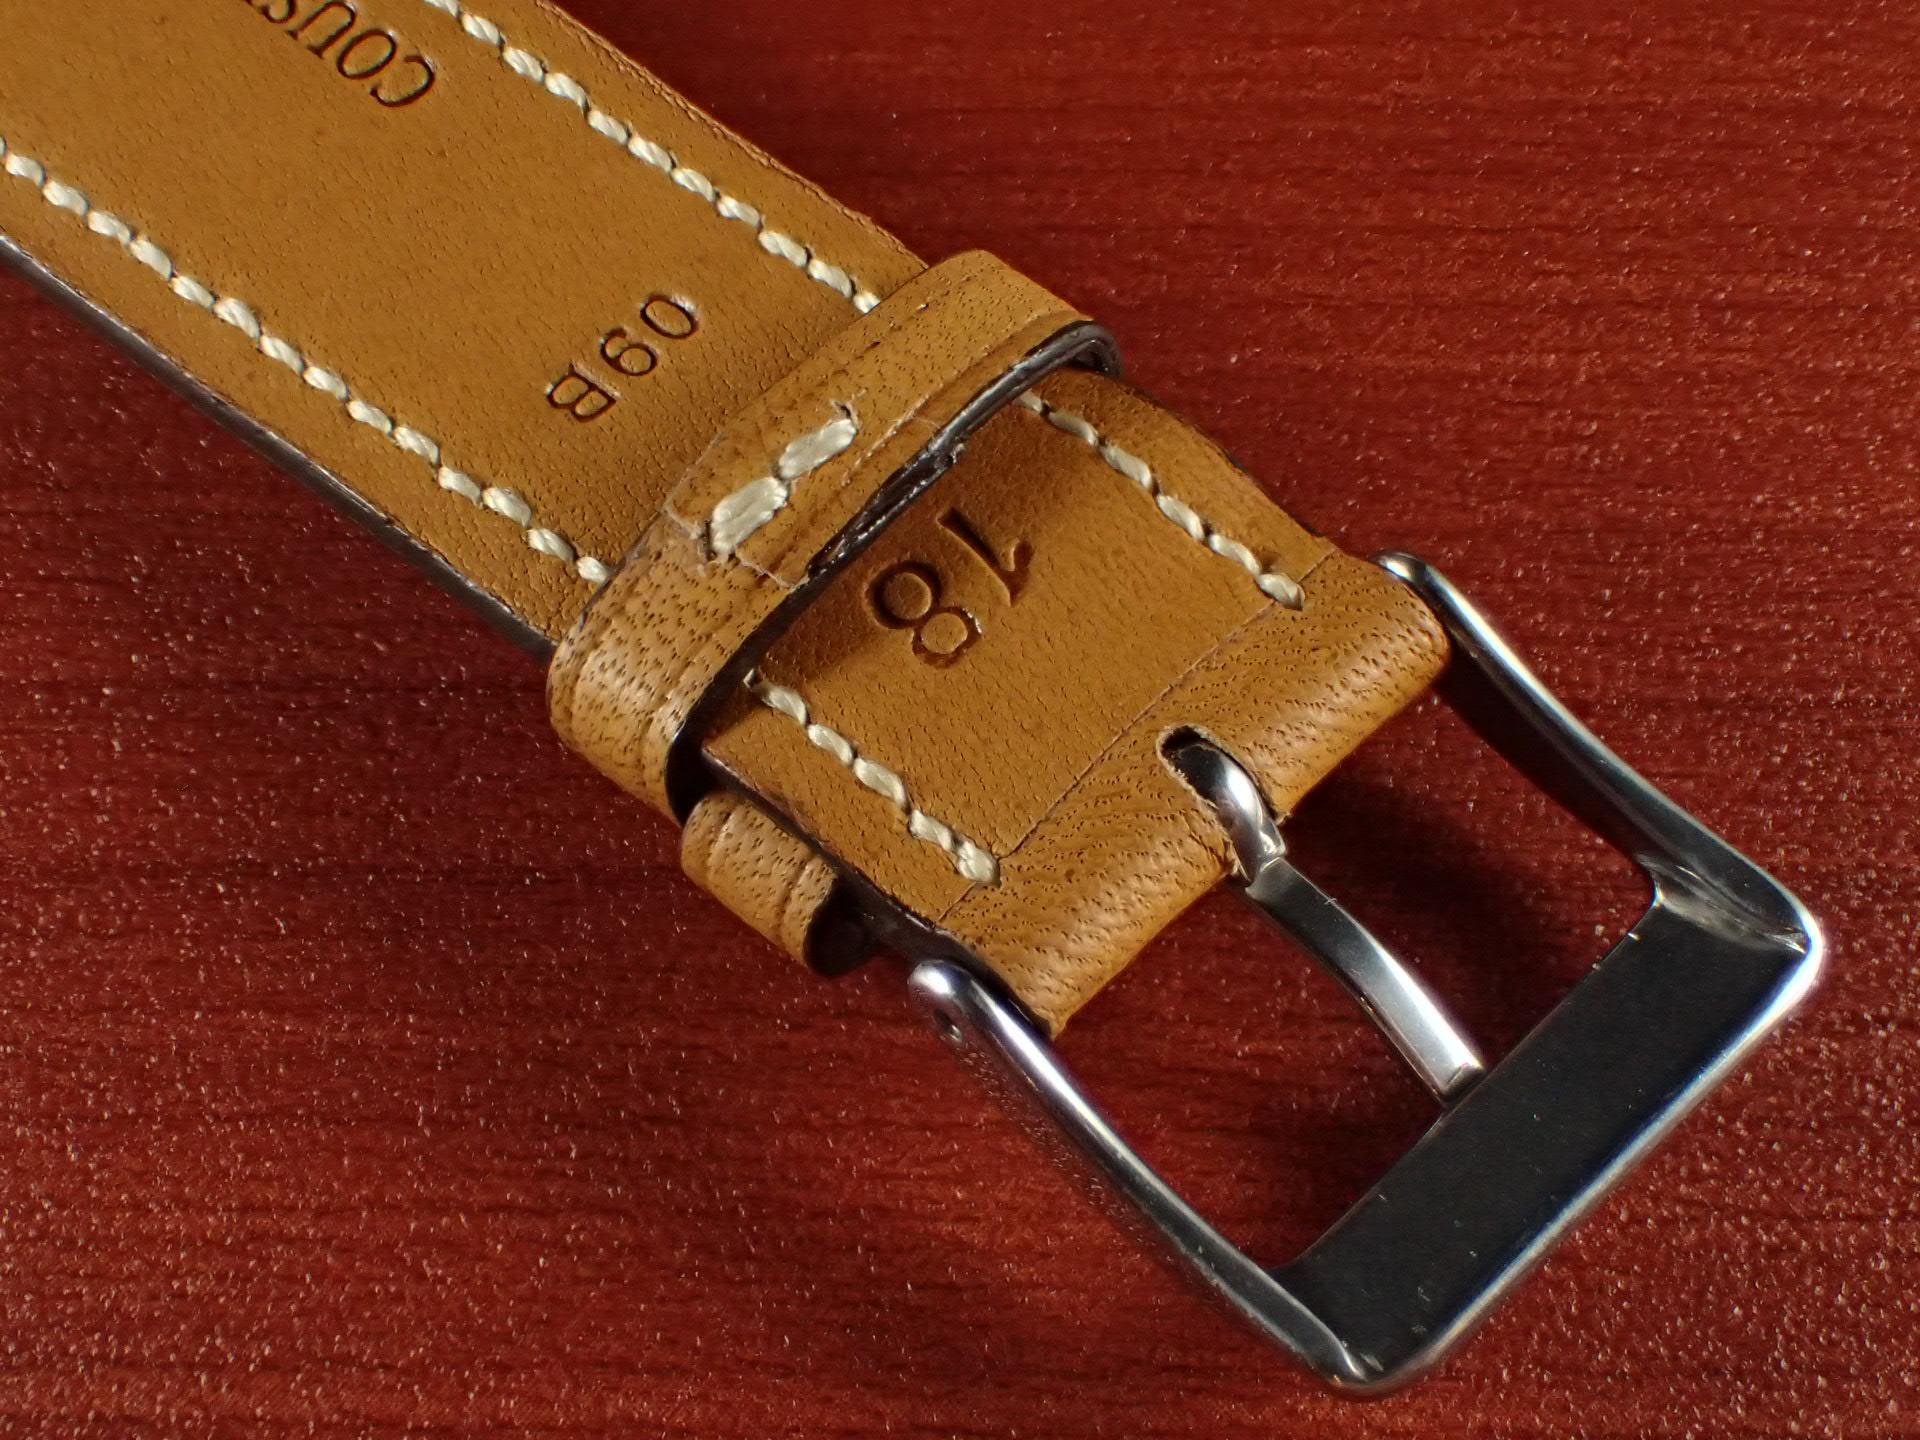 ジャン・クロード ペラン革ベルト カーフ キャメル 16、17、18、19、20mmの写真4枚目